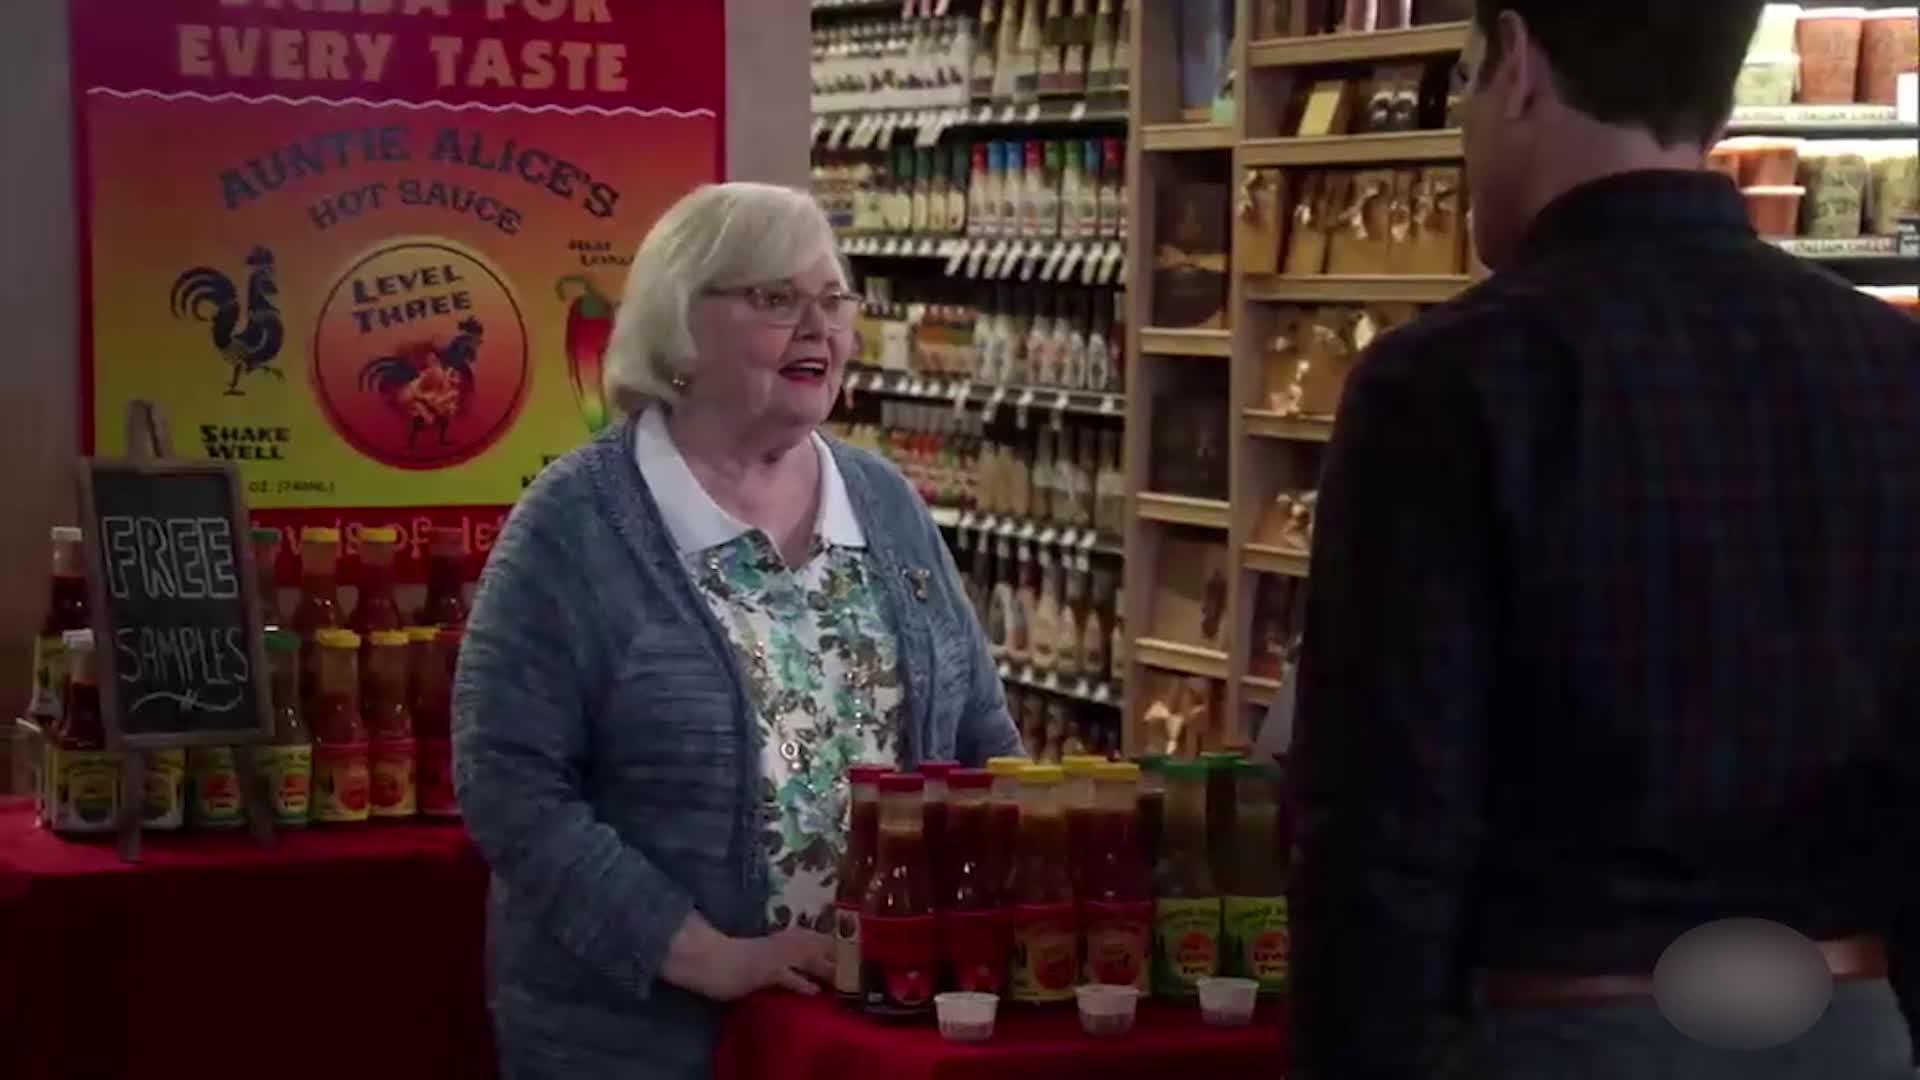 女子怒气冲冲去超市,她的辣酱被人盗用,找盗贼理论